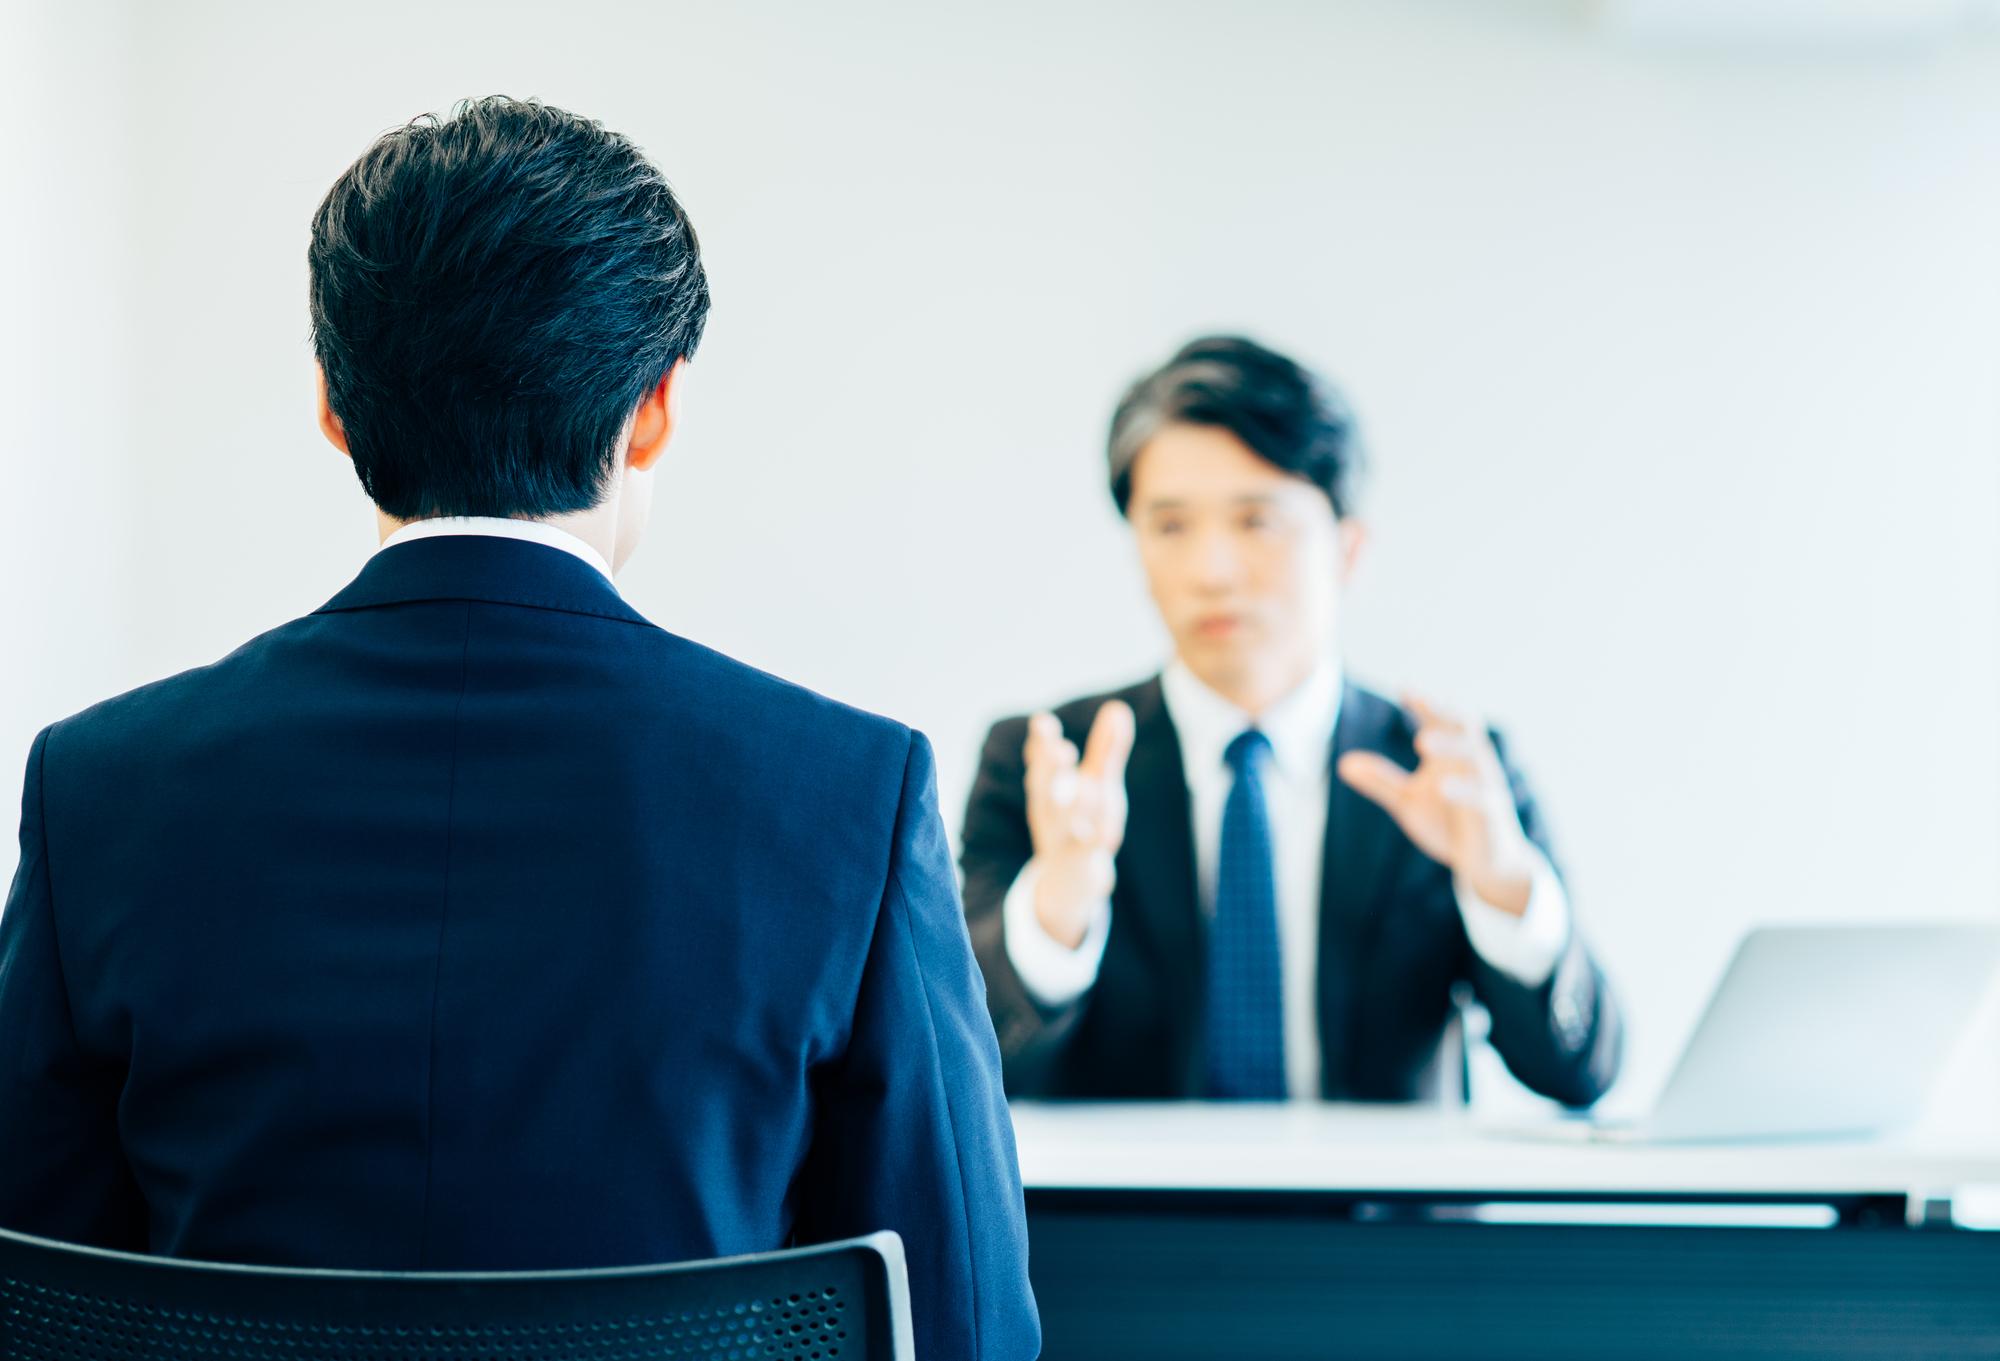 転職に失敗しないために「必ず確認したいポイント3つ」